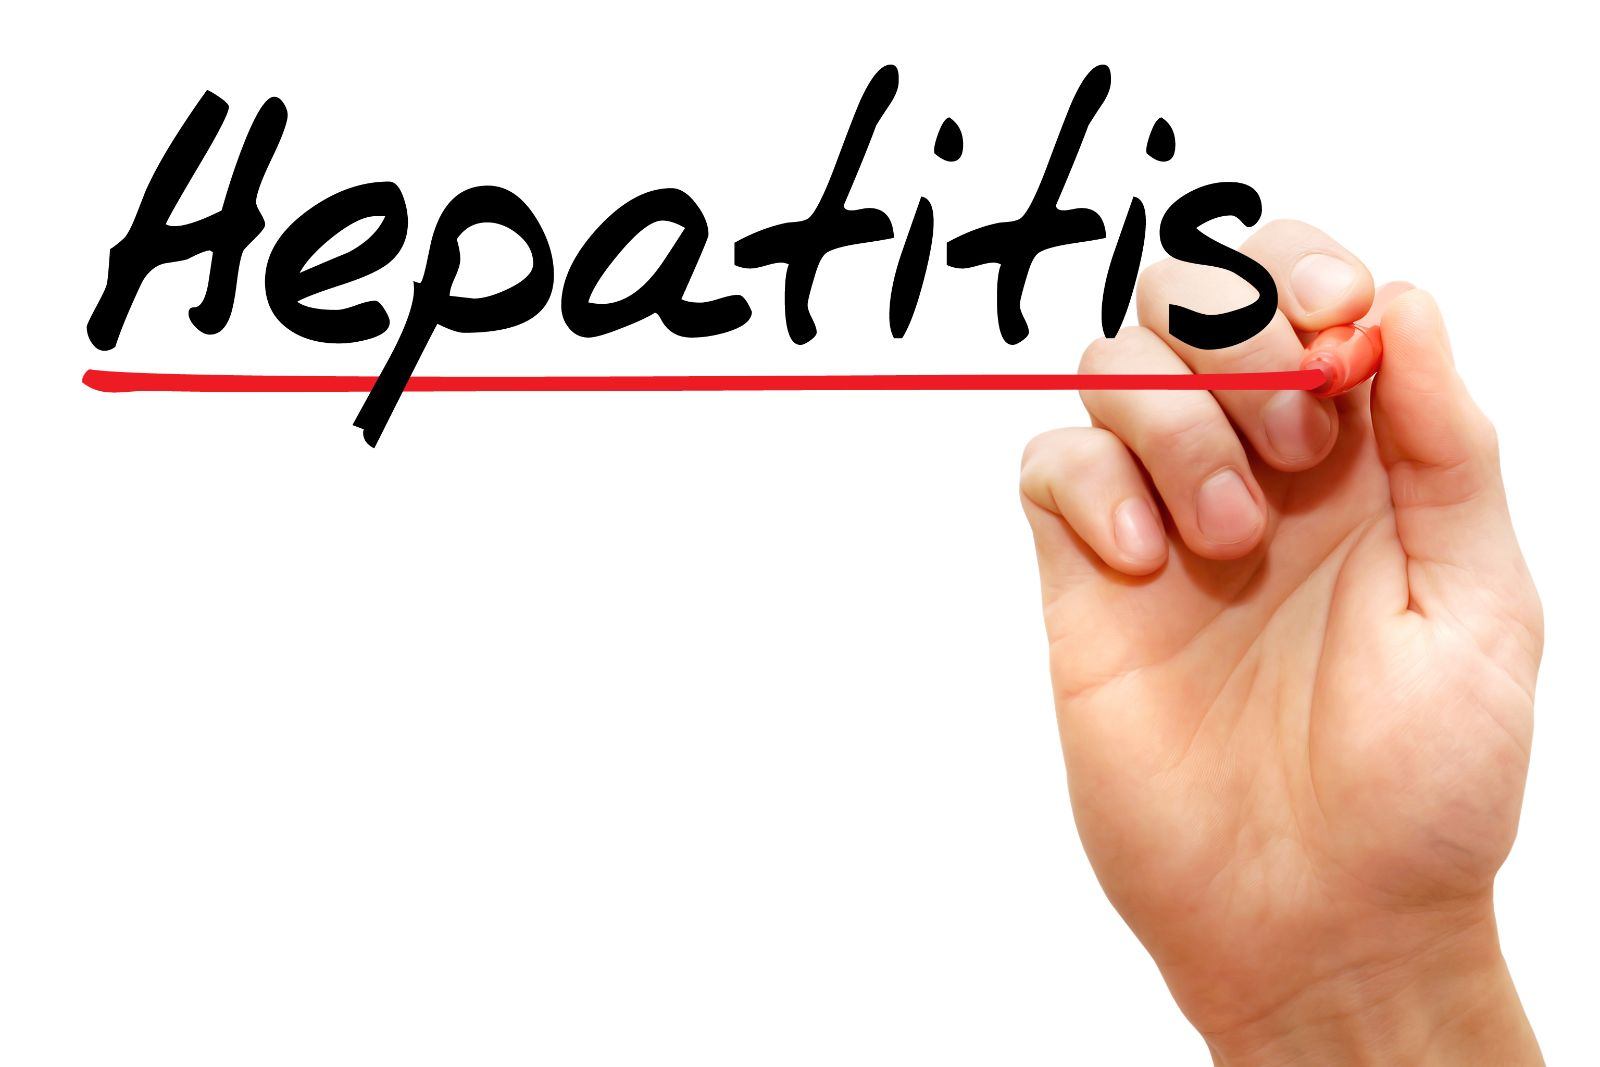 """La palabra """"HEPATITIS"""" es sibrayada con un plumón rojo por una mano"""